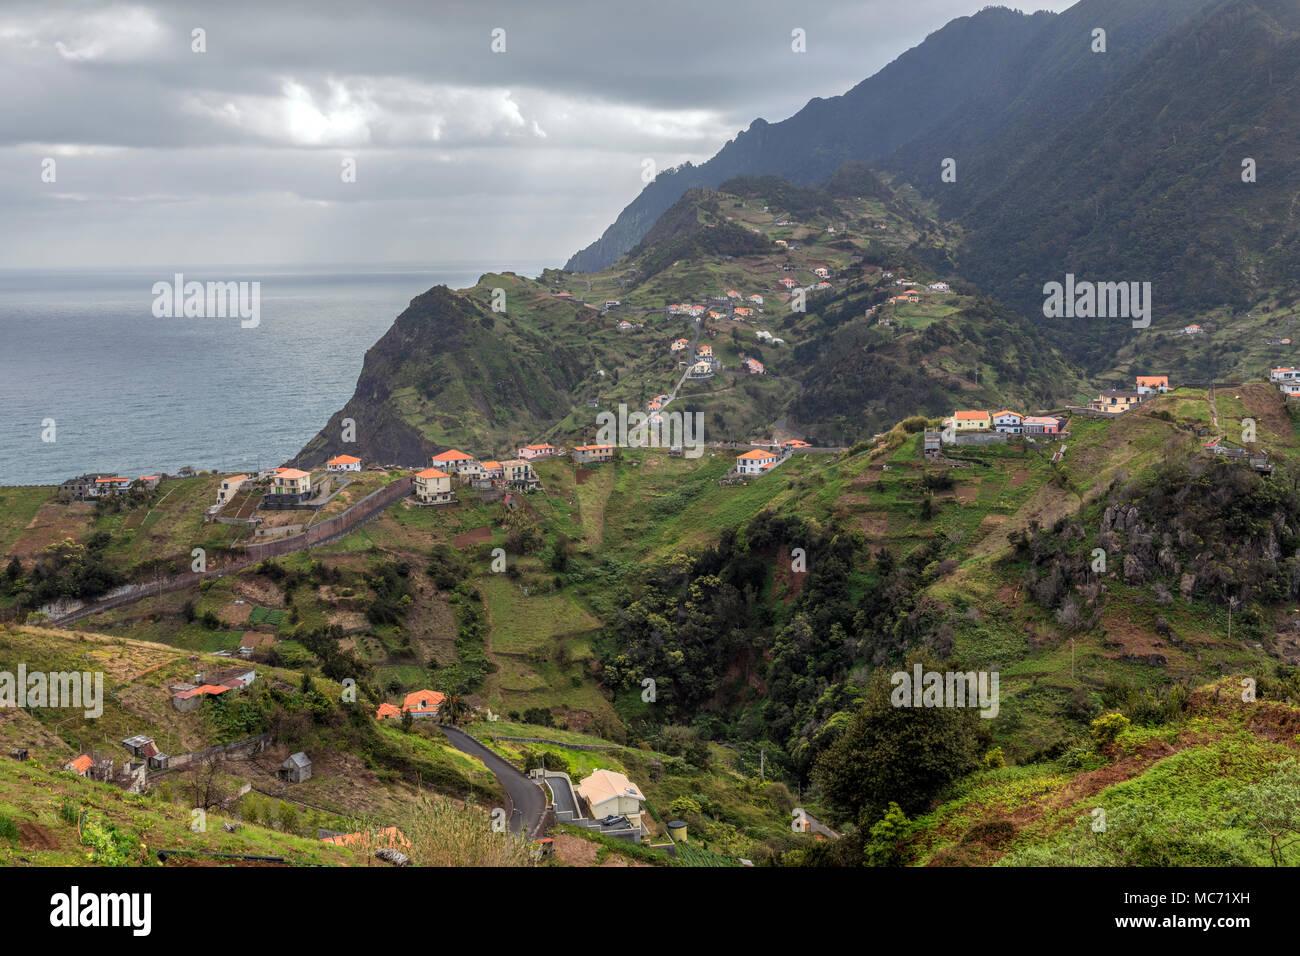 Porto da Cruz, Santa Pola, Madeira, Portugal, Europa Stockbild